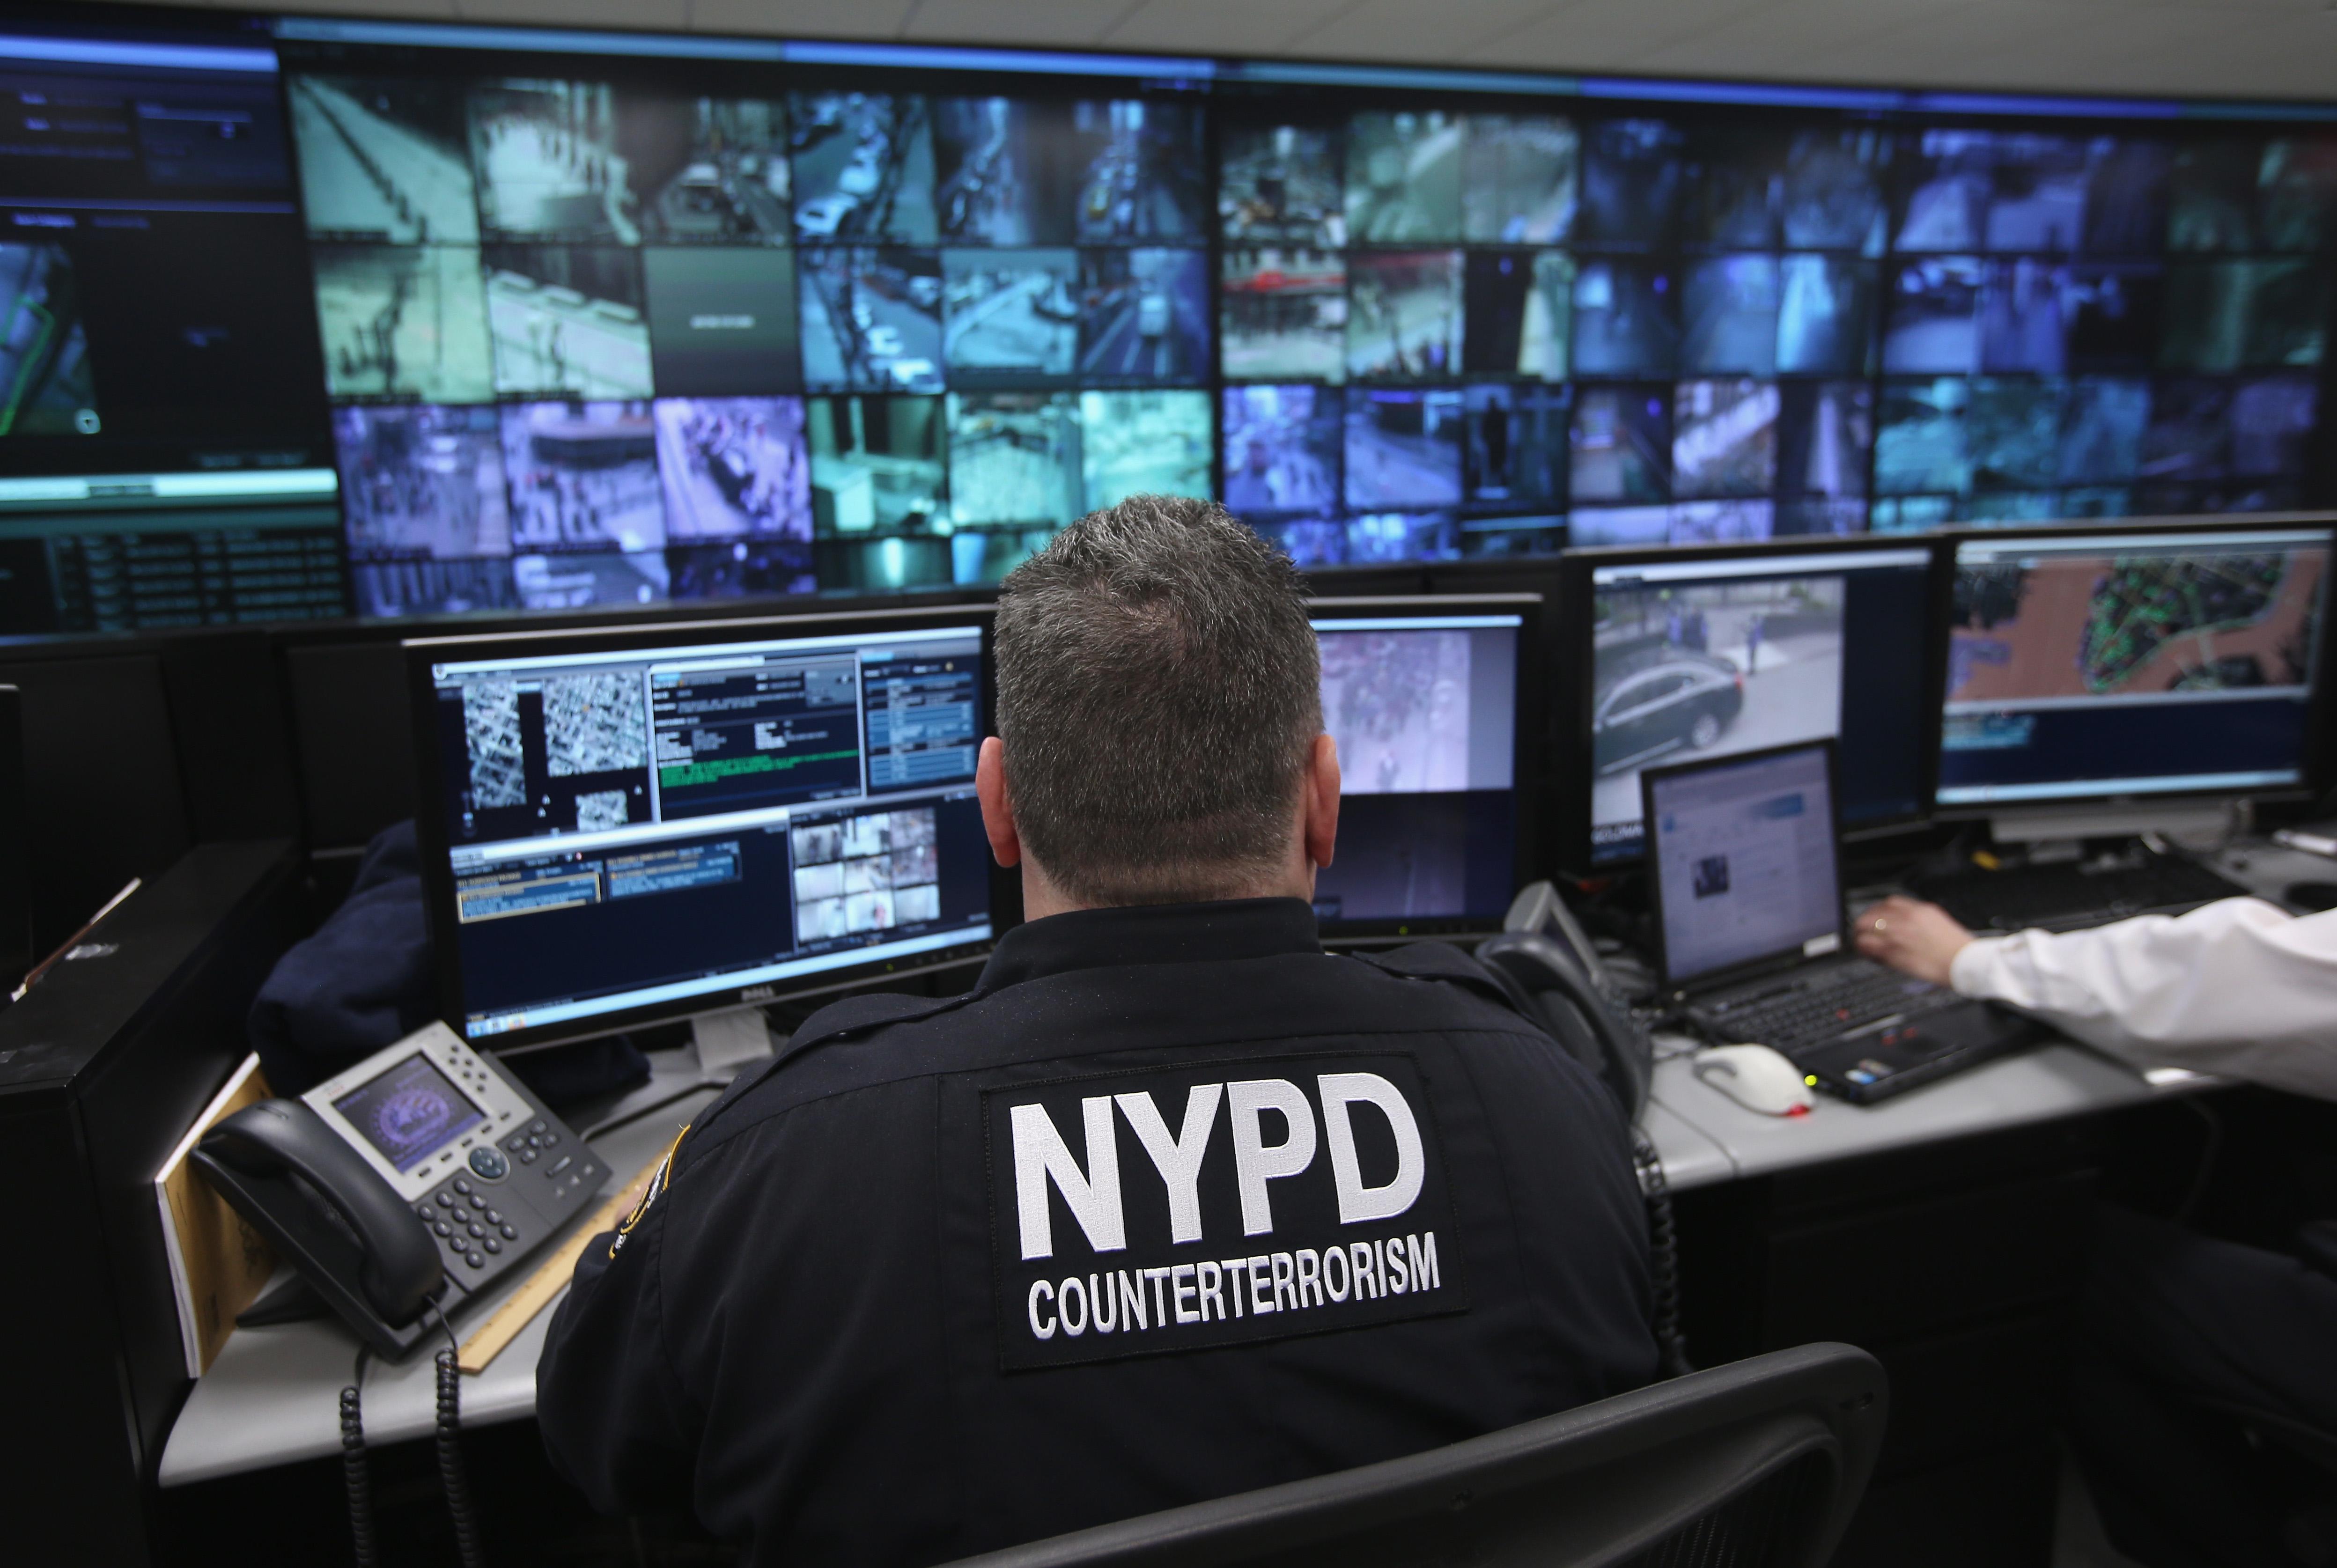 圖為2013年紐約市反恐中心內,警察和安保人員實時監控金融區和曼哈頓下城周邊地區的4000多個監控錄像頭,這套監控系統以倫敦的「鋼鐵之環」系統為藍本。(John Moore/Getty Images)